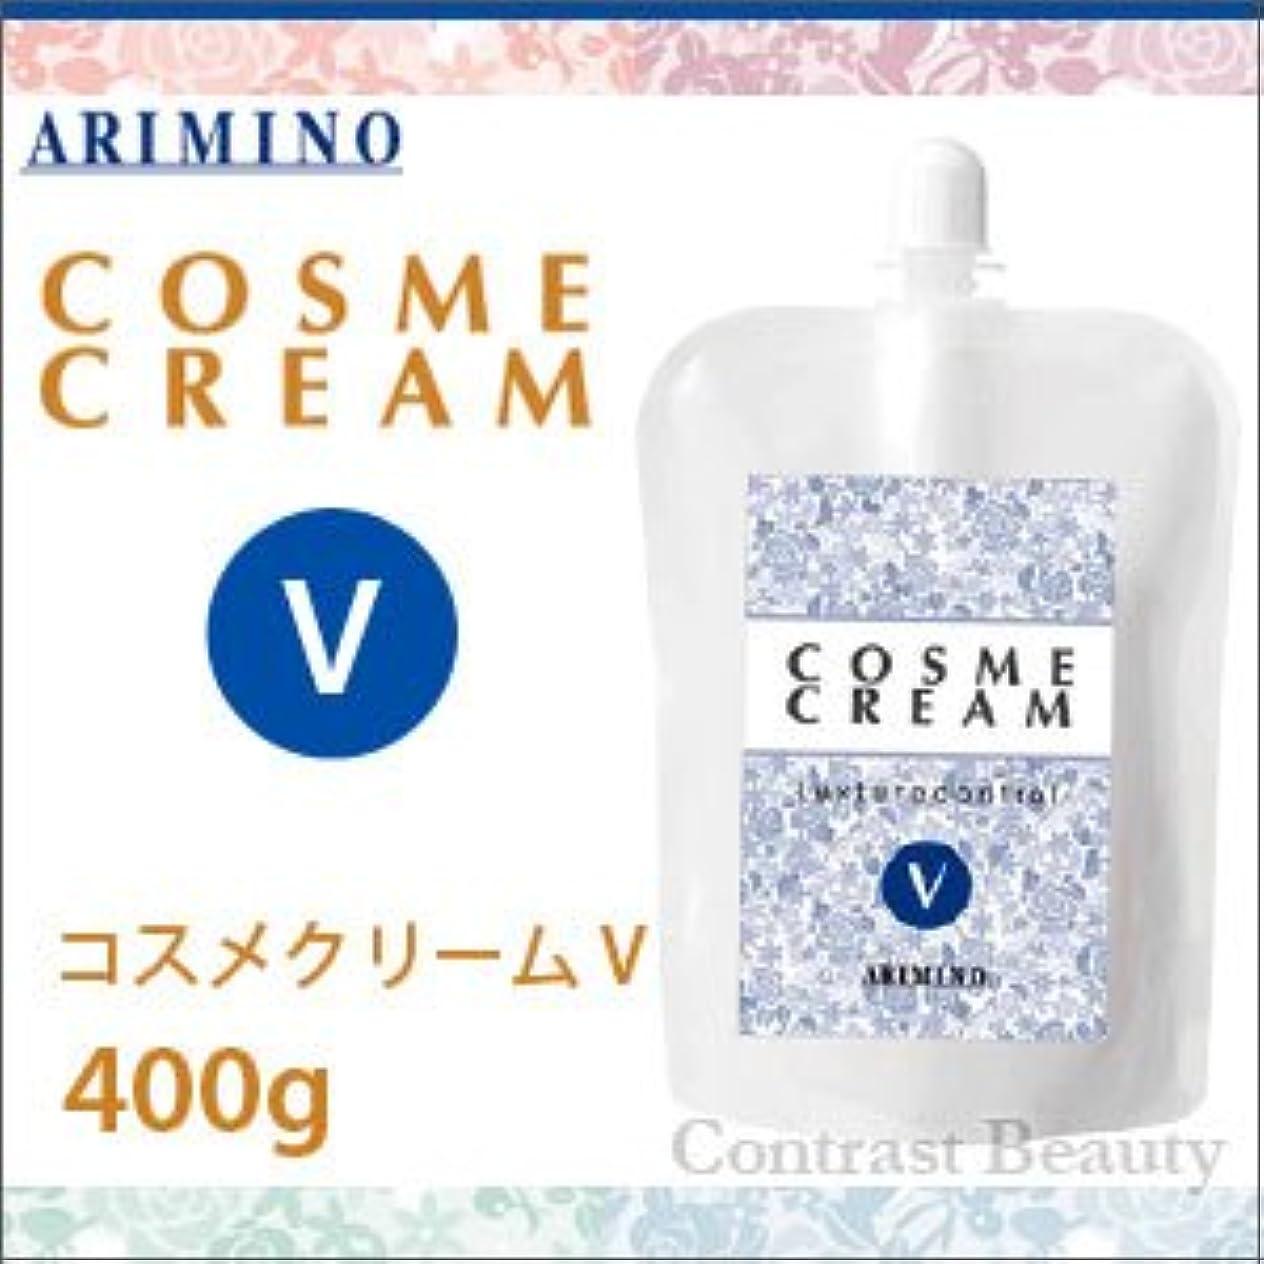 スキムイブニングぬるい【X5個セット】 アリミノ コスメクリーム V 400g